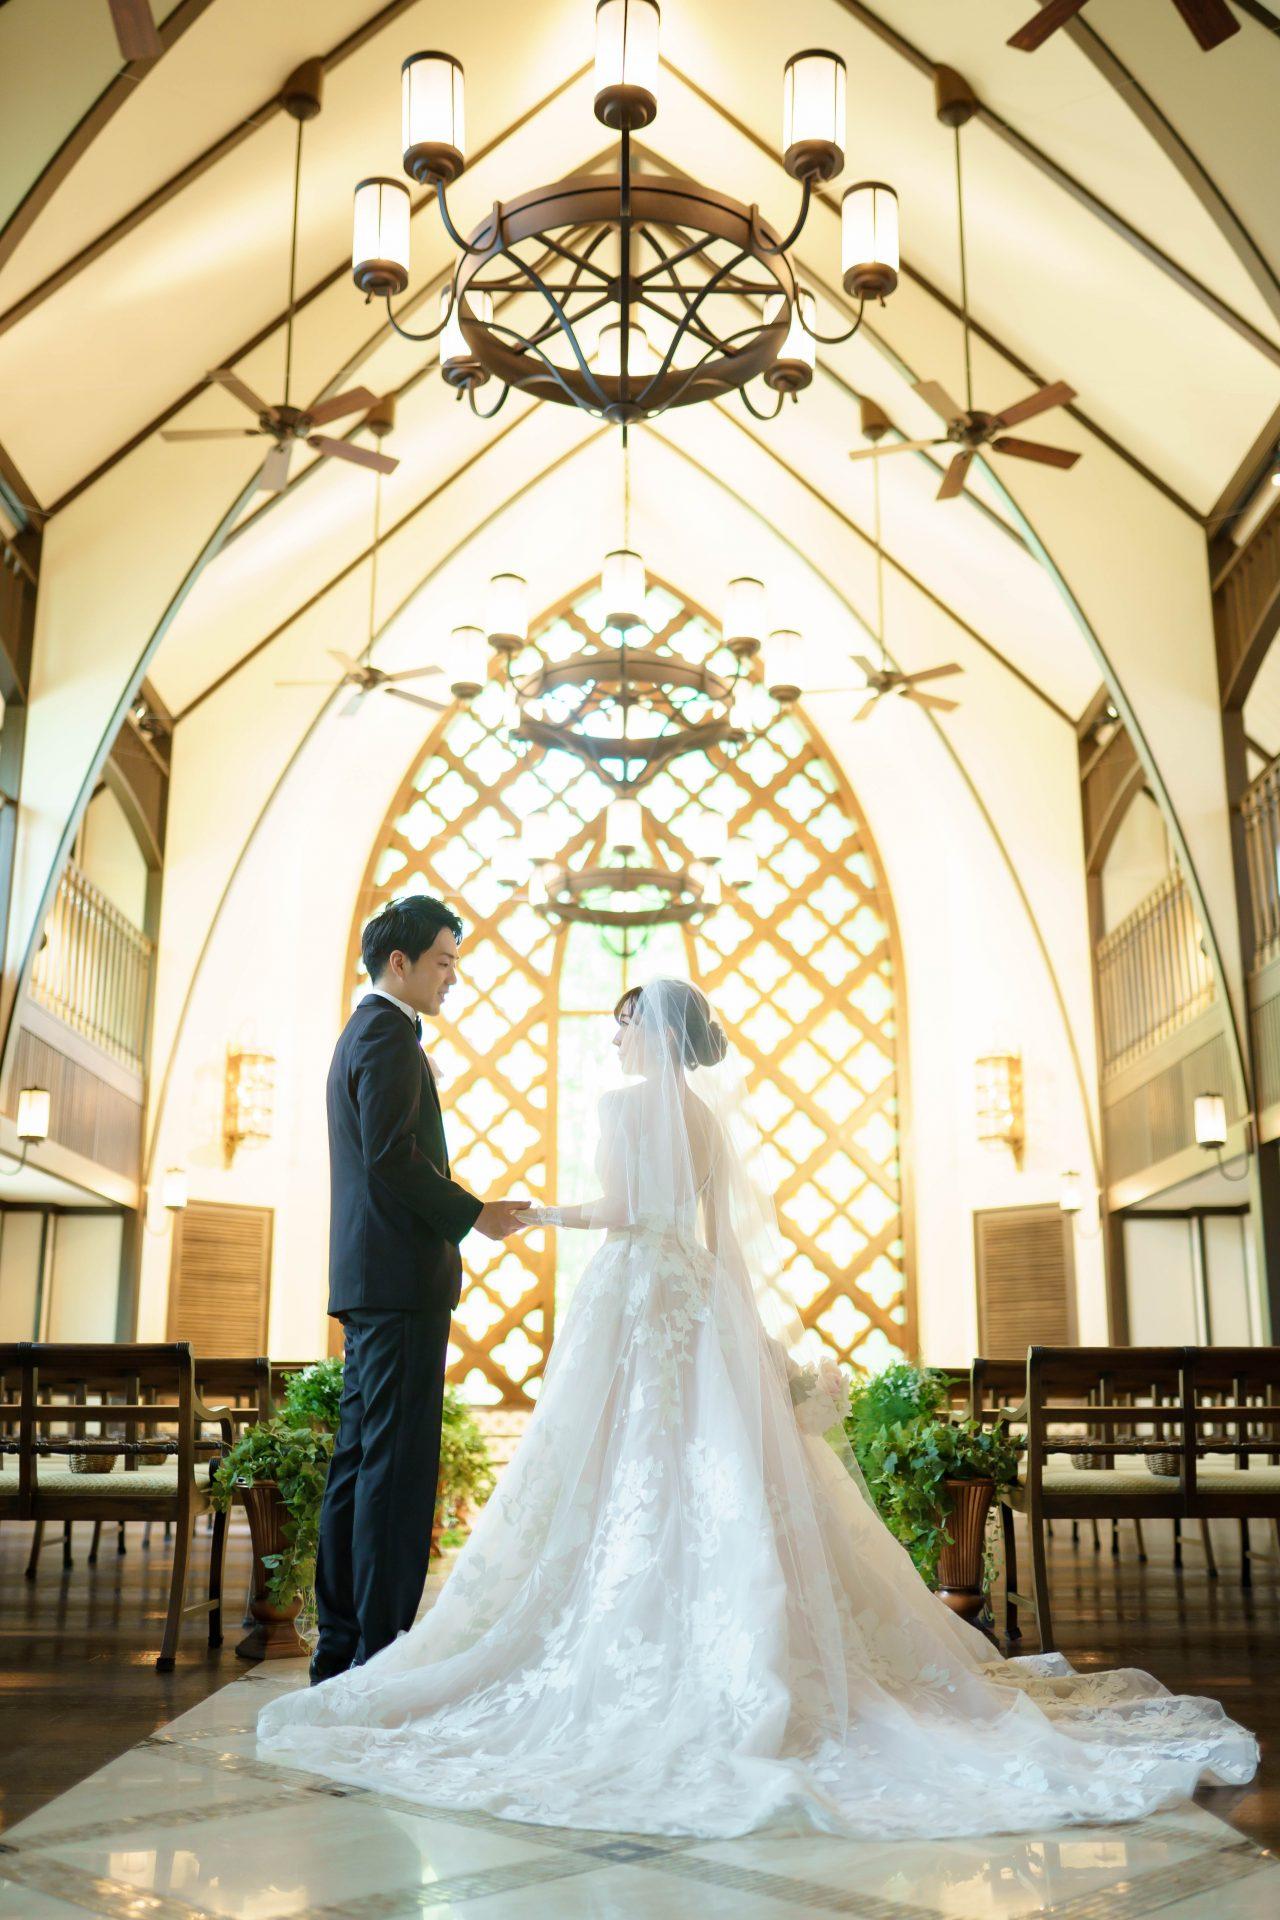 フォーチュンガーデン京都店の提携会場フォーチュンガーデン京都で結婚式を挙げられる新婦様におすすめのトレーンが長くブラッシュカラーの色味がフェミニンなウエディングドレス